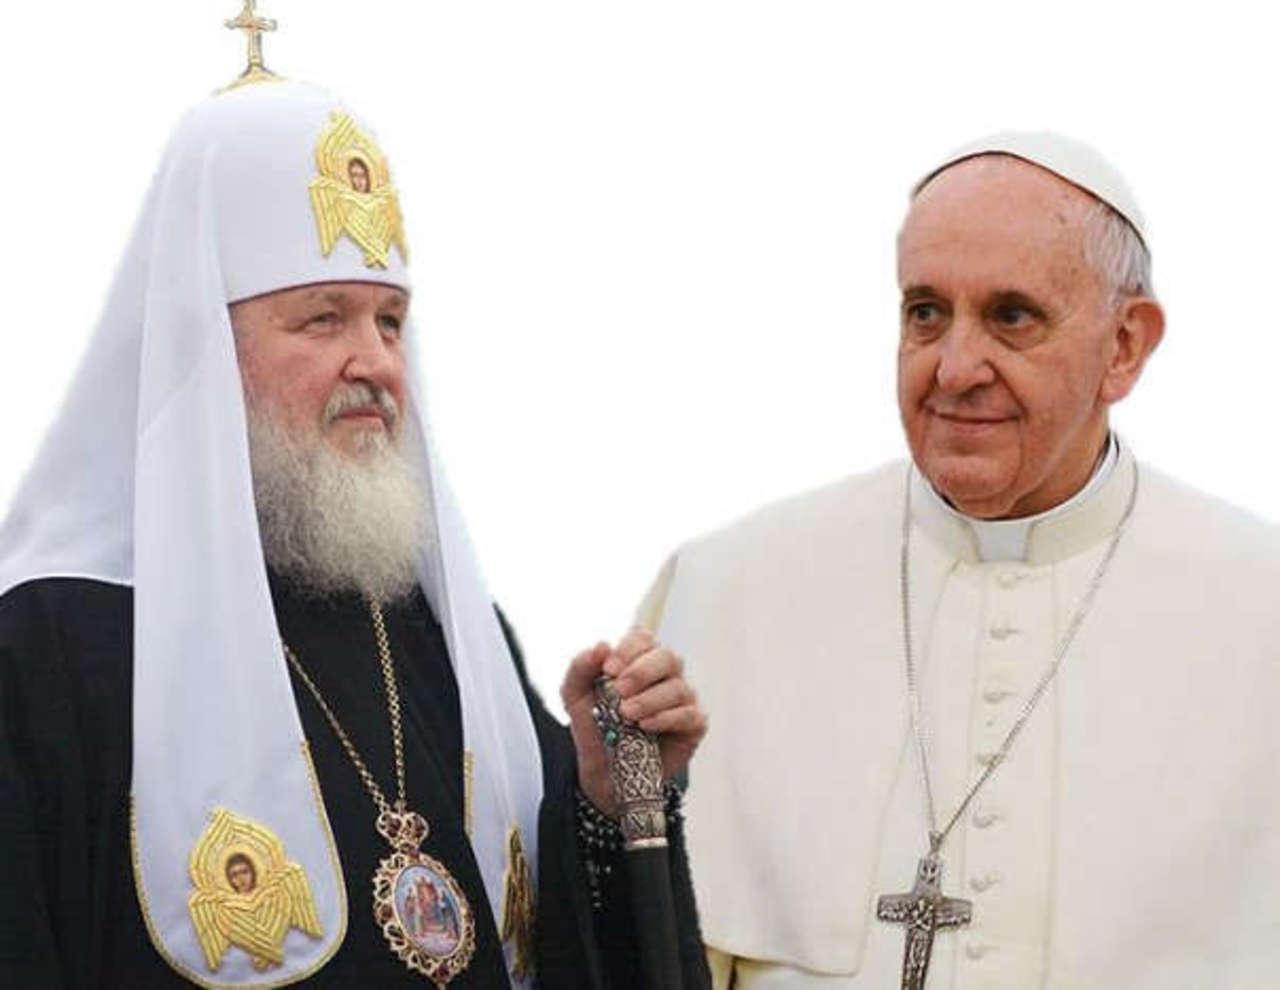 О встрече патриарха и иезуита Франциска. Ольга Четверикова